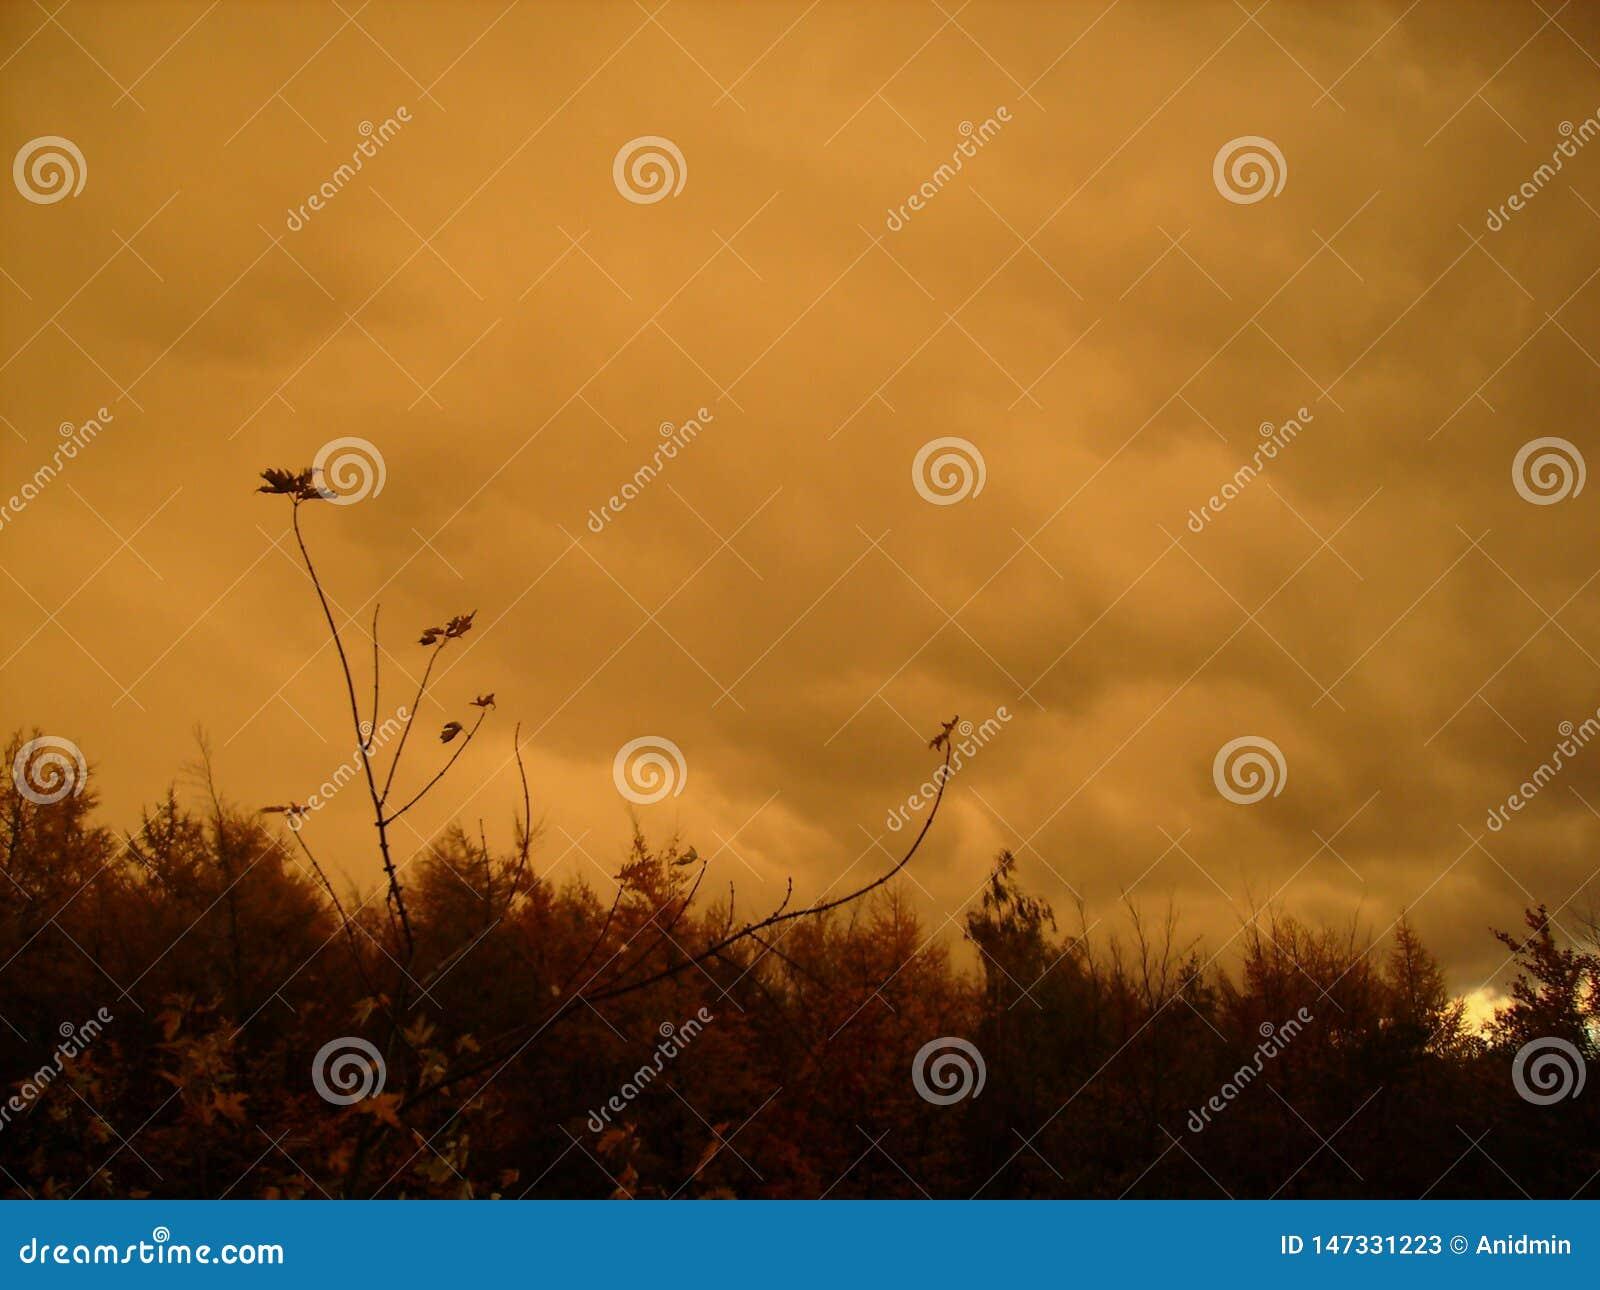 Dunkelorangefarbige Wolken des Regens, louring Himmel über dem Herbstwald